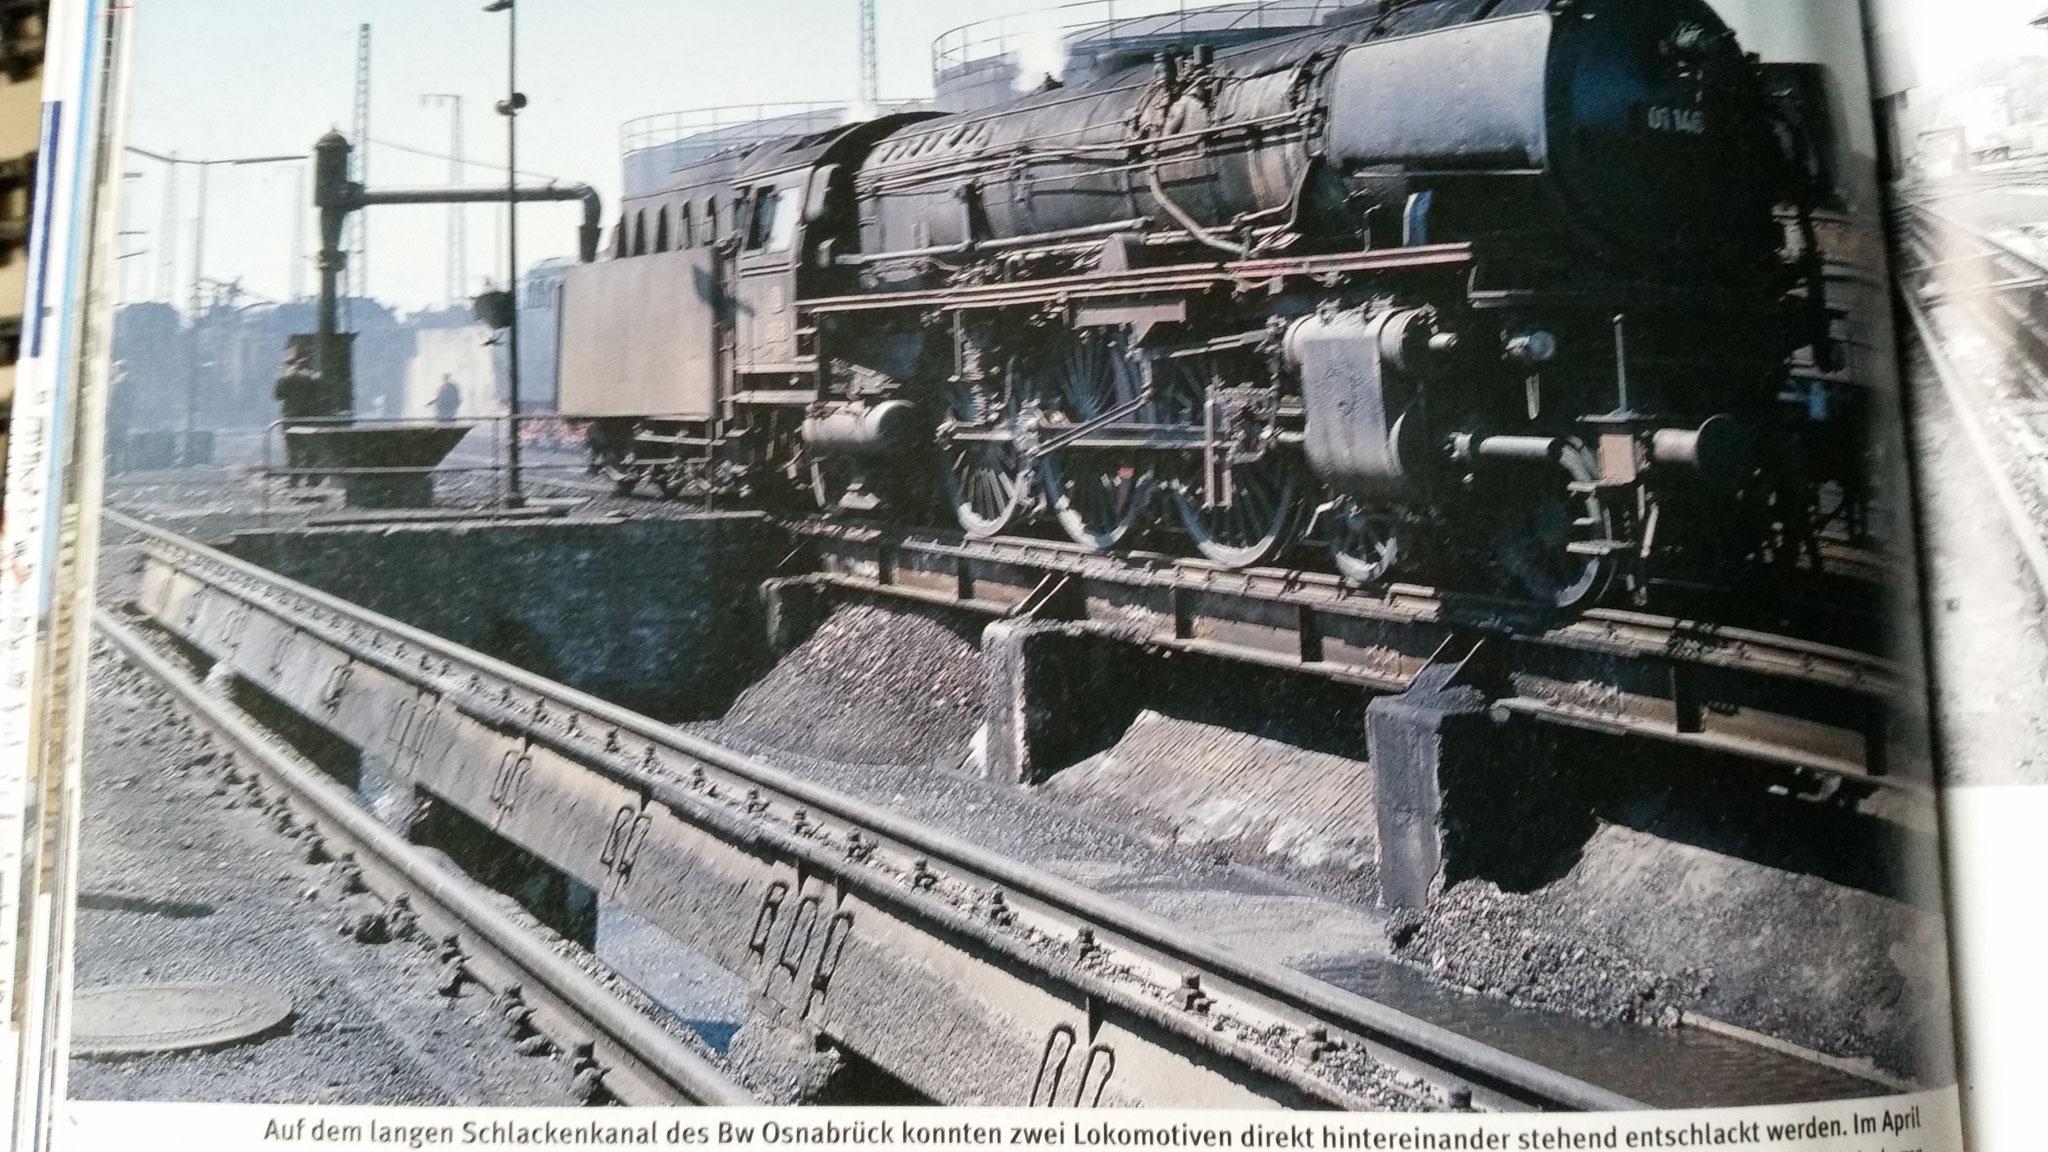 ... und das Vorbildfoto der gesamten Schlackegrube. Es gibt noch viel zu tun :) Quelle: Martin Weltner - Bahnbetriebswerke - Geschichte/Technik/Gleispläne, Verlag: GeraMond, ISBN: 978-3-7654-7278-7